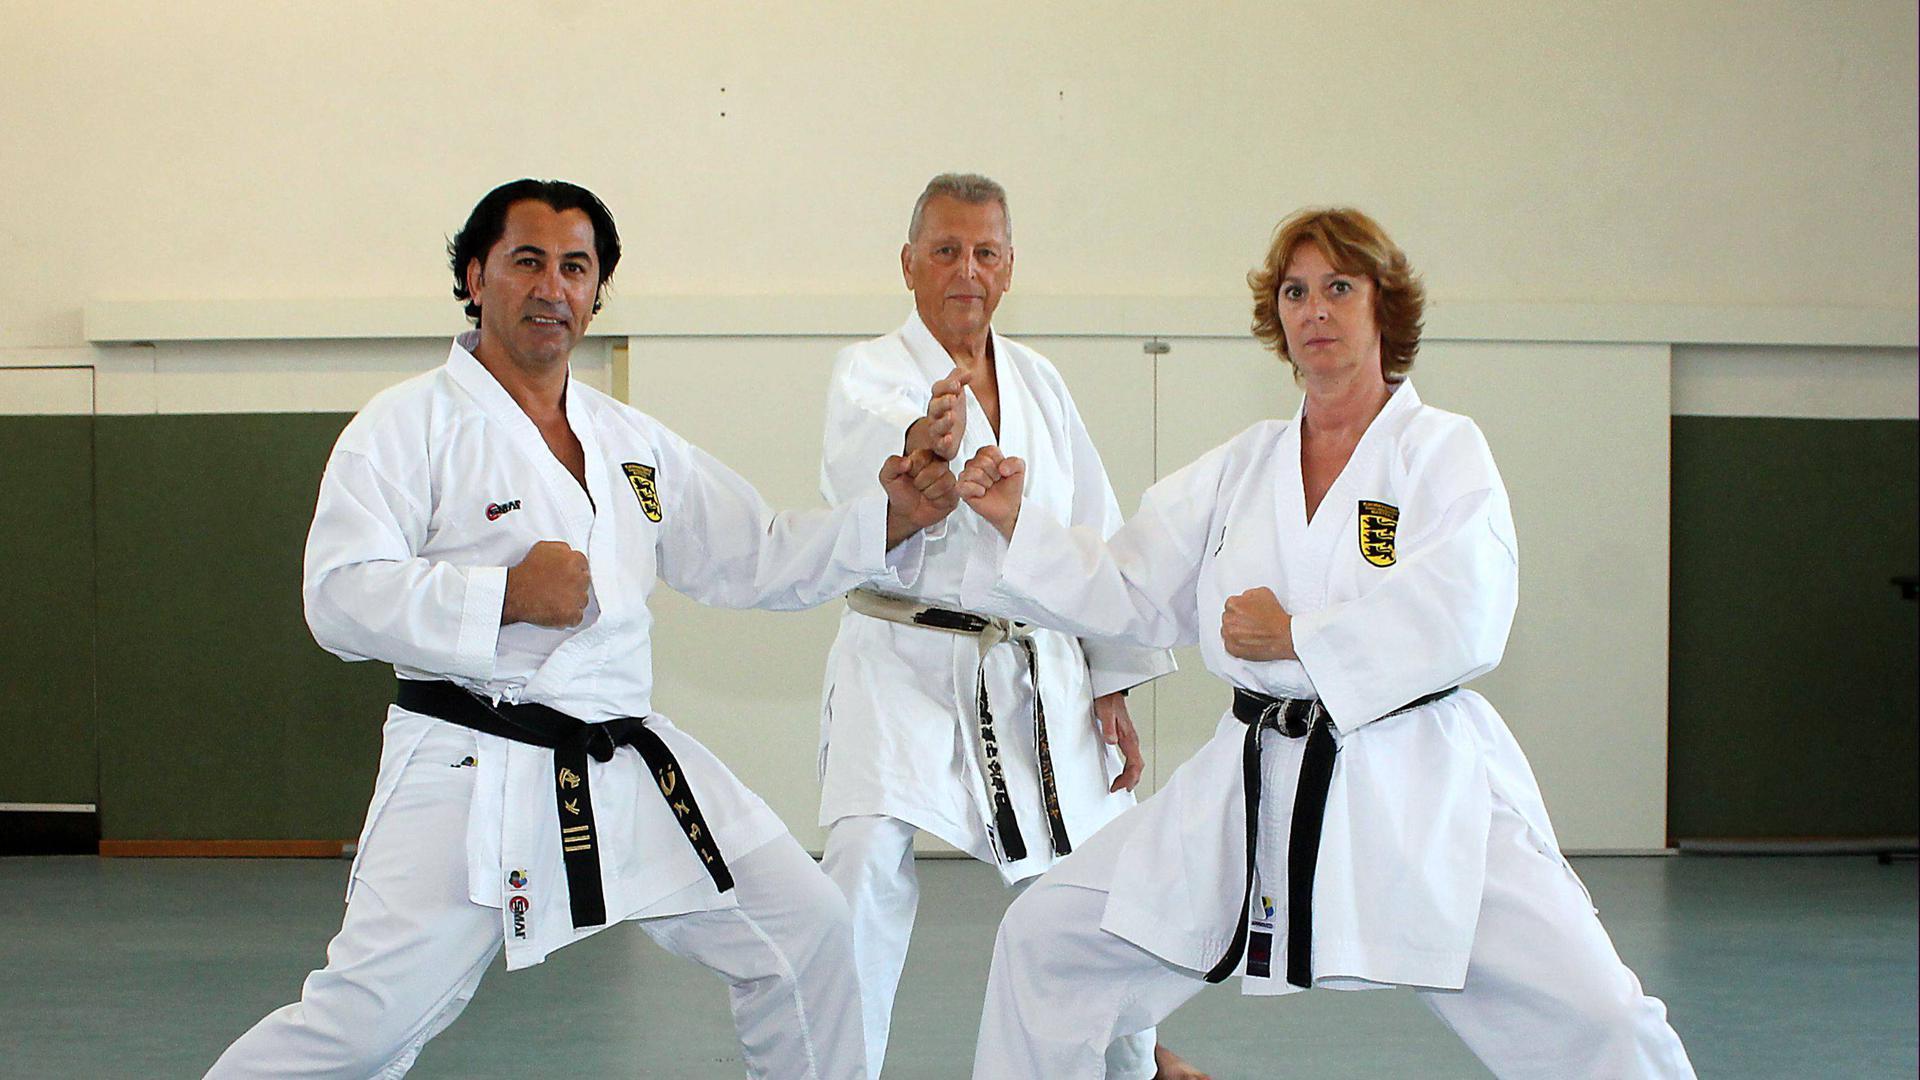 Karate 8. Dan Günther Schleicher